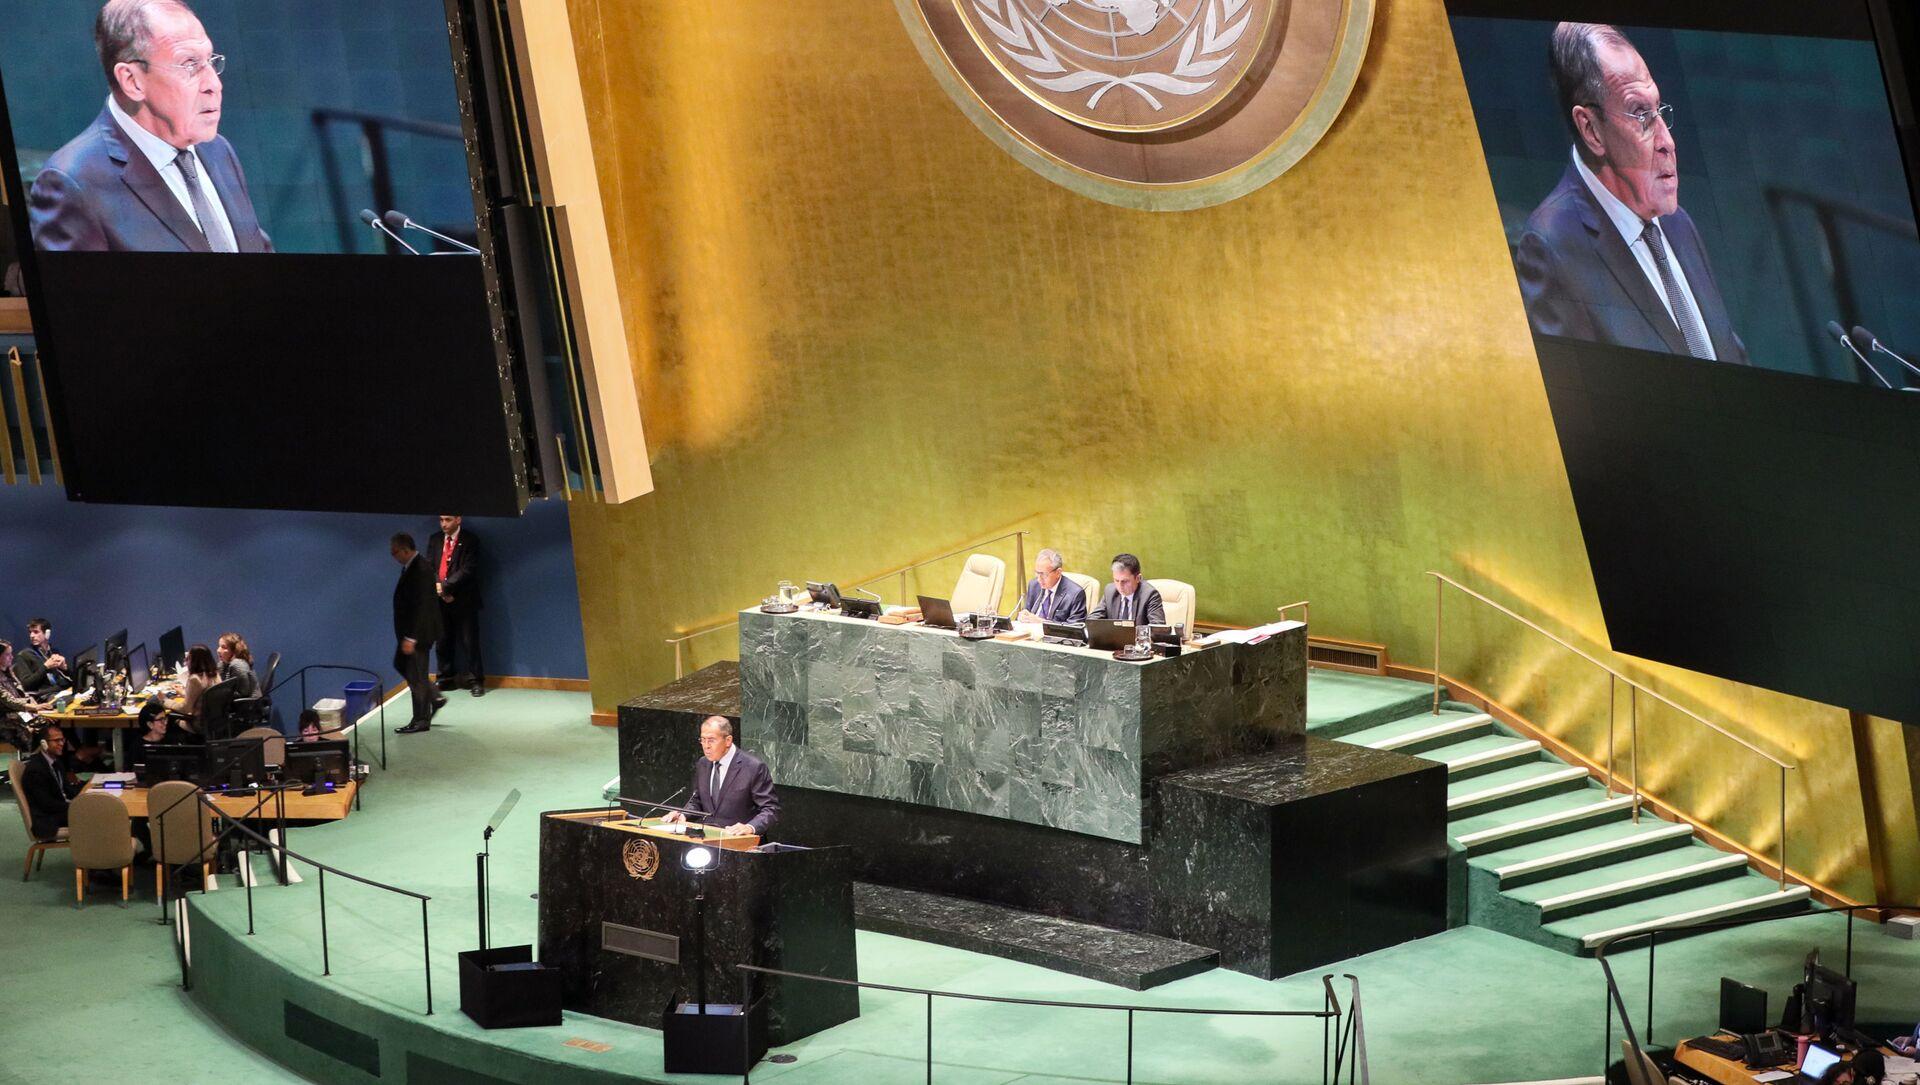 Министр иностранных дел РФ Сергей Лавров во время выступления на общеполитической дискуссиии в рамках 74-й сессии Генеральной Ассамблеи Организации Объединенных Наций (ООН) в Нью-Йорке. - Sputnik Азербайджан, 1920, 17.08.2021